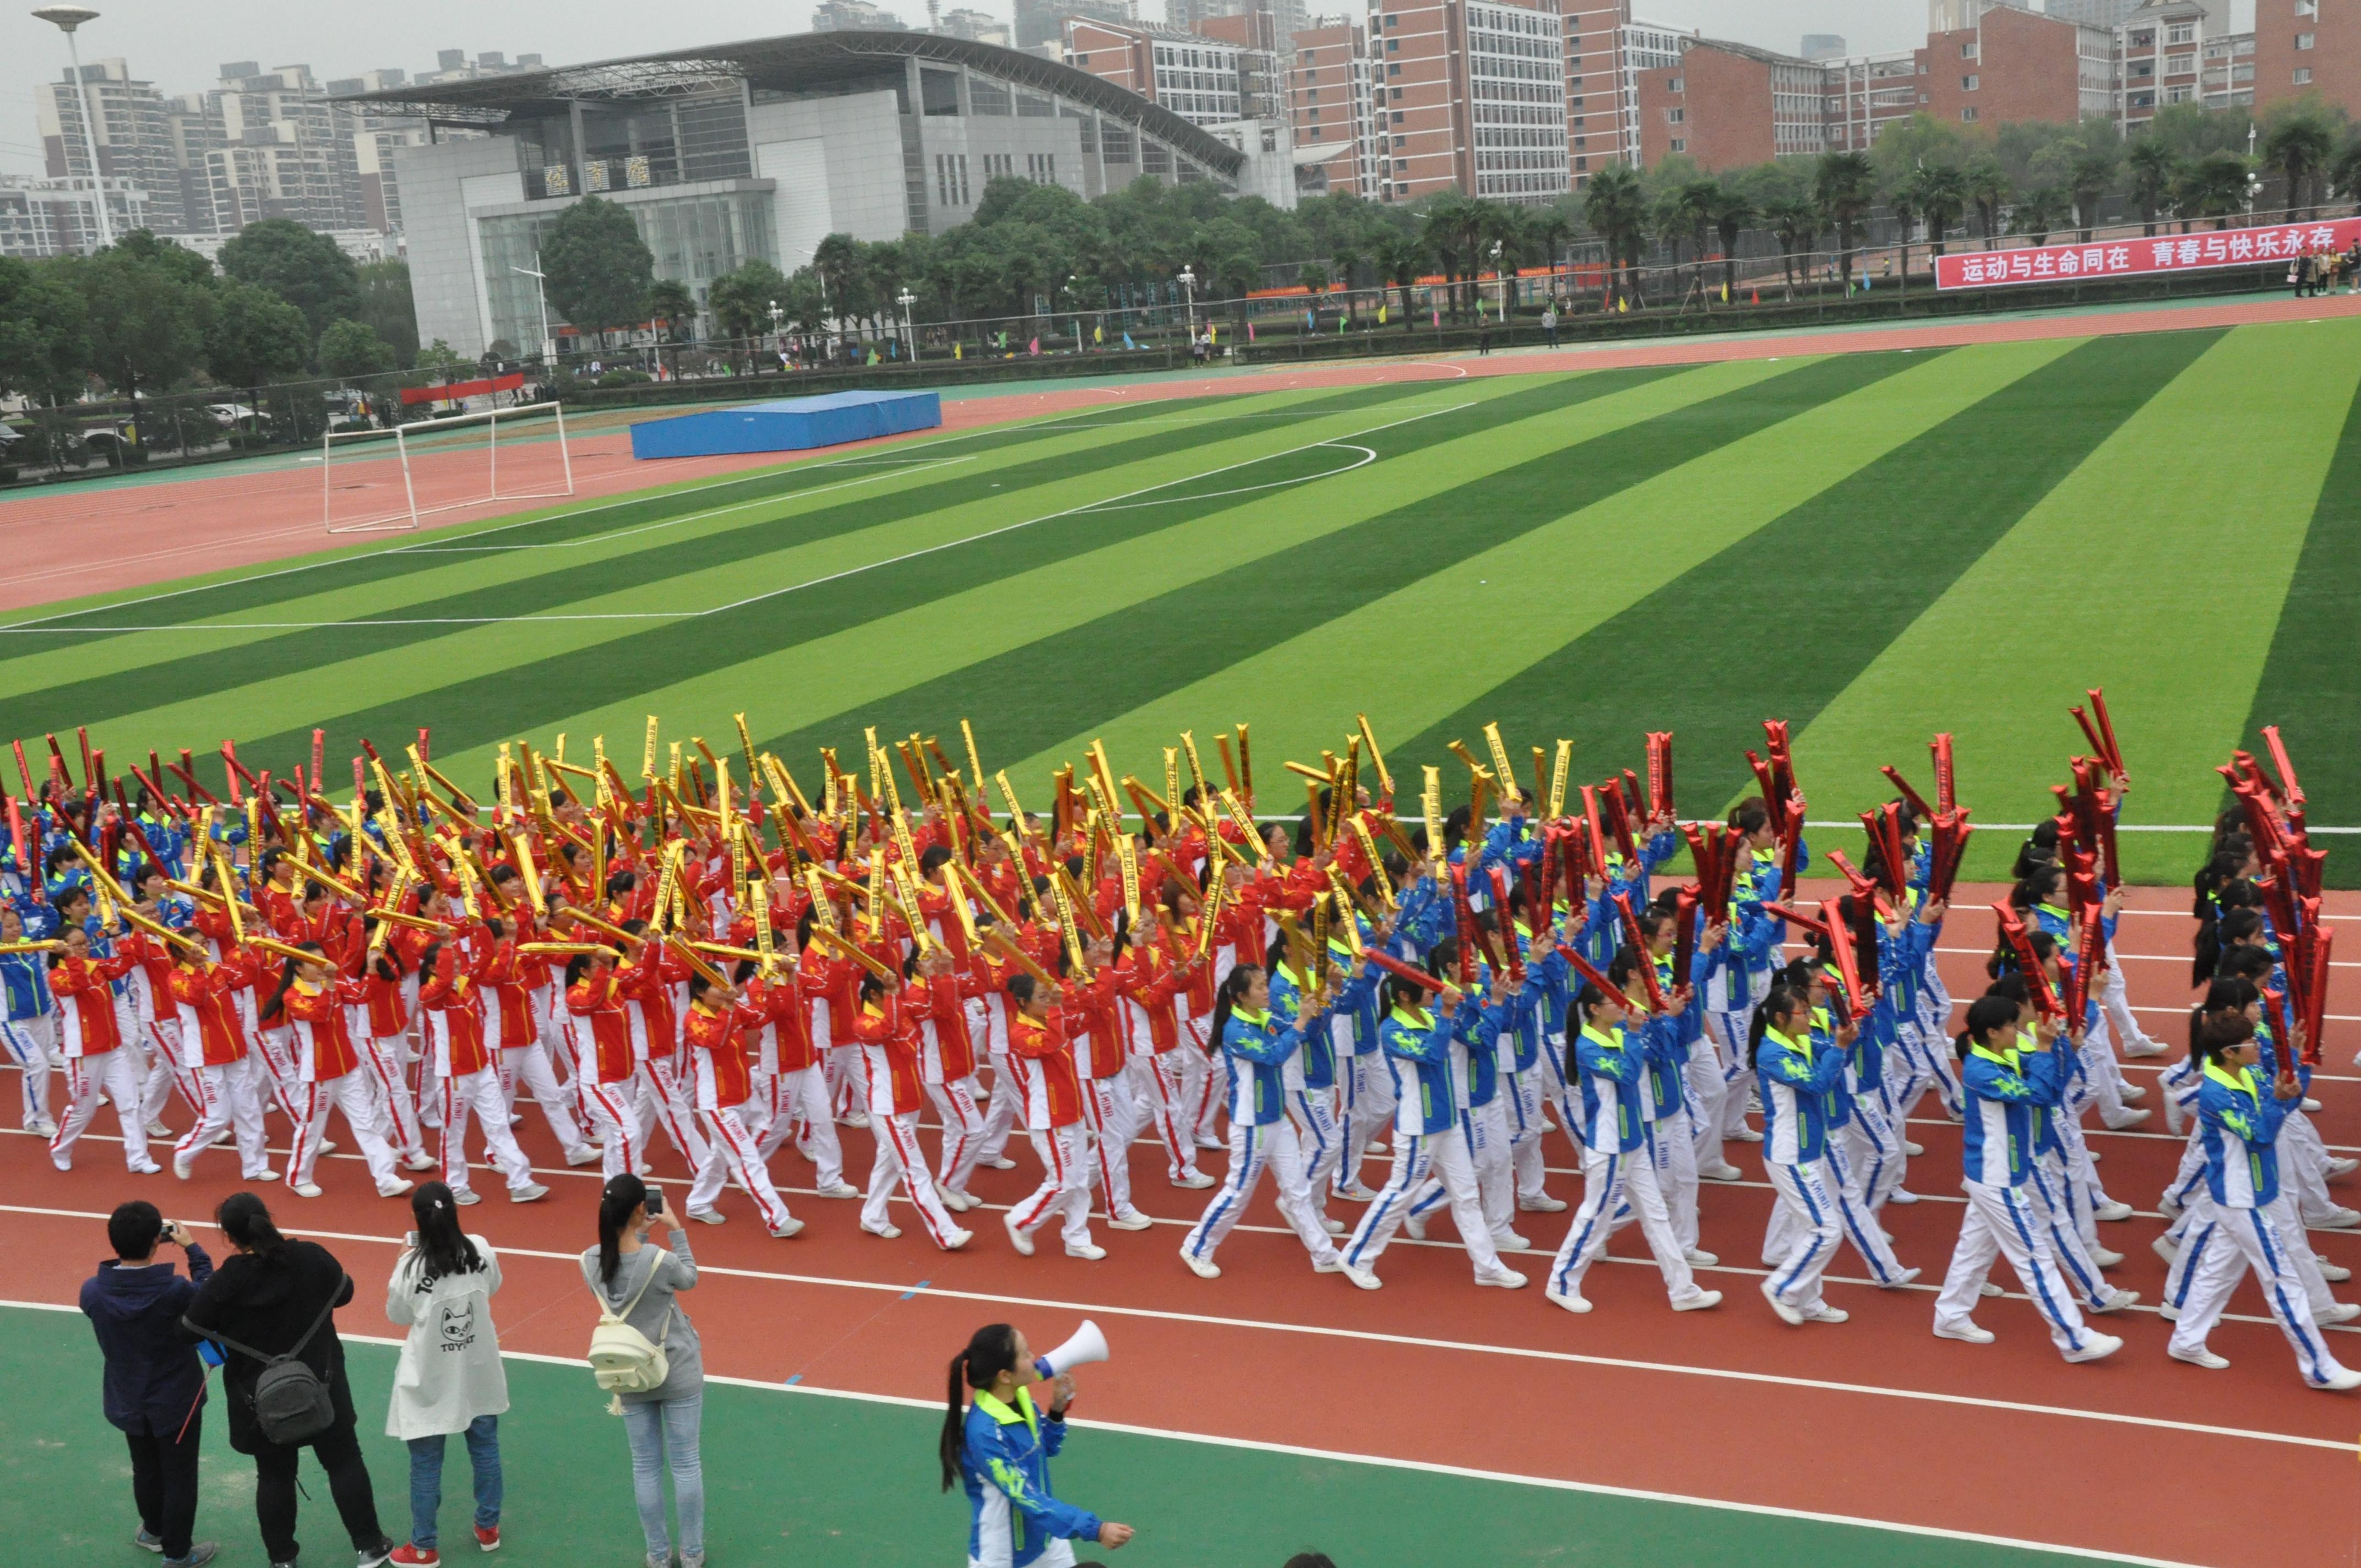 我校第37届体育运动会隆重开幕图片